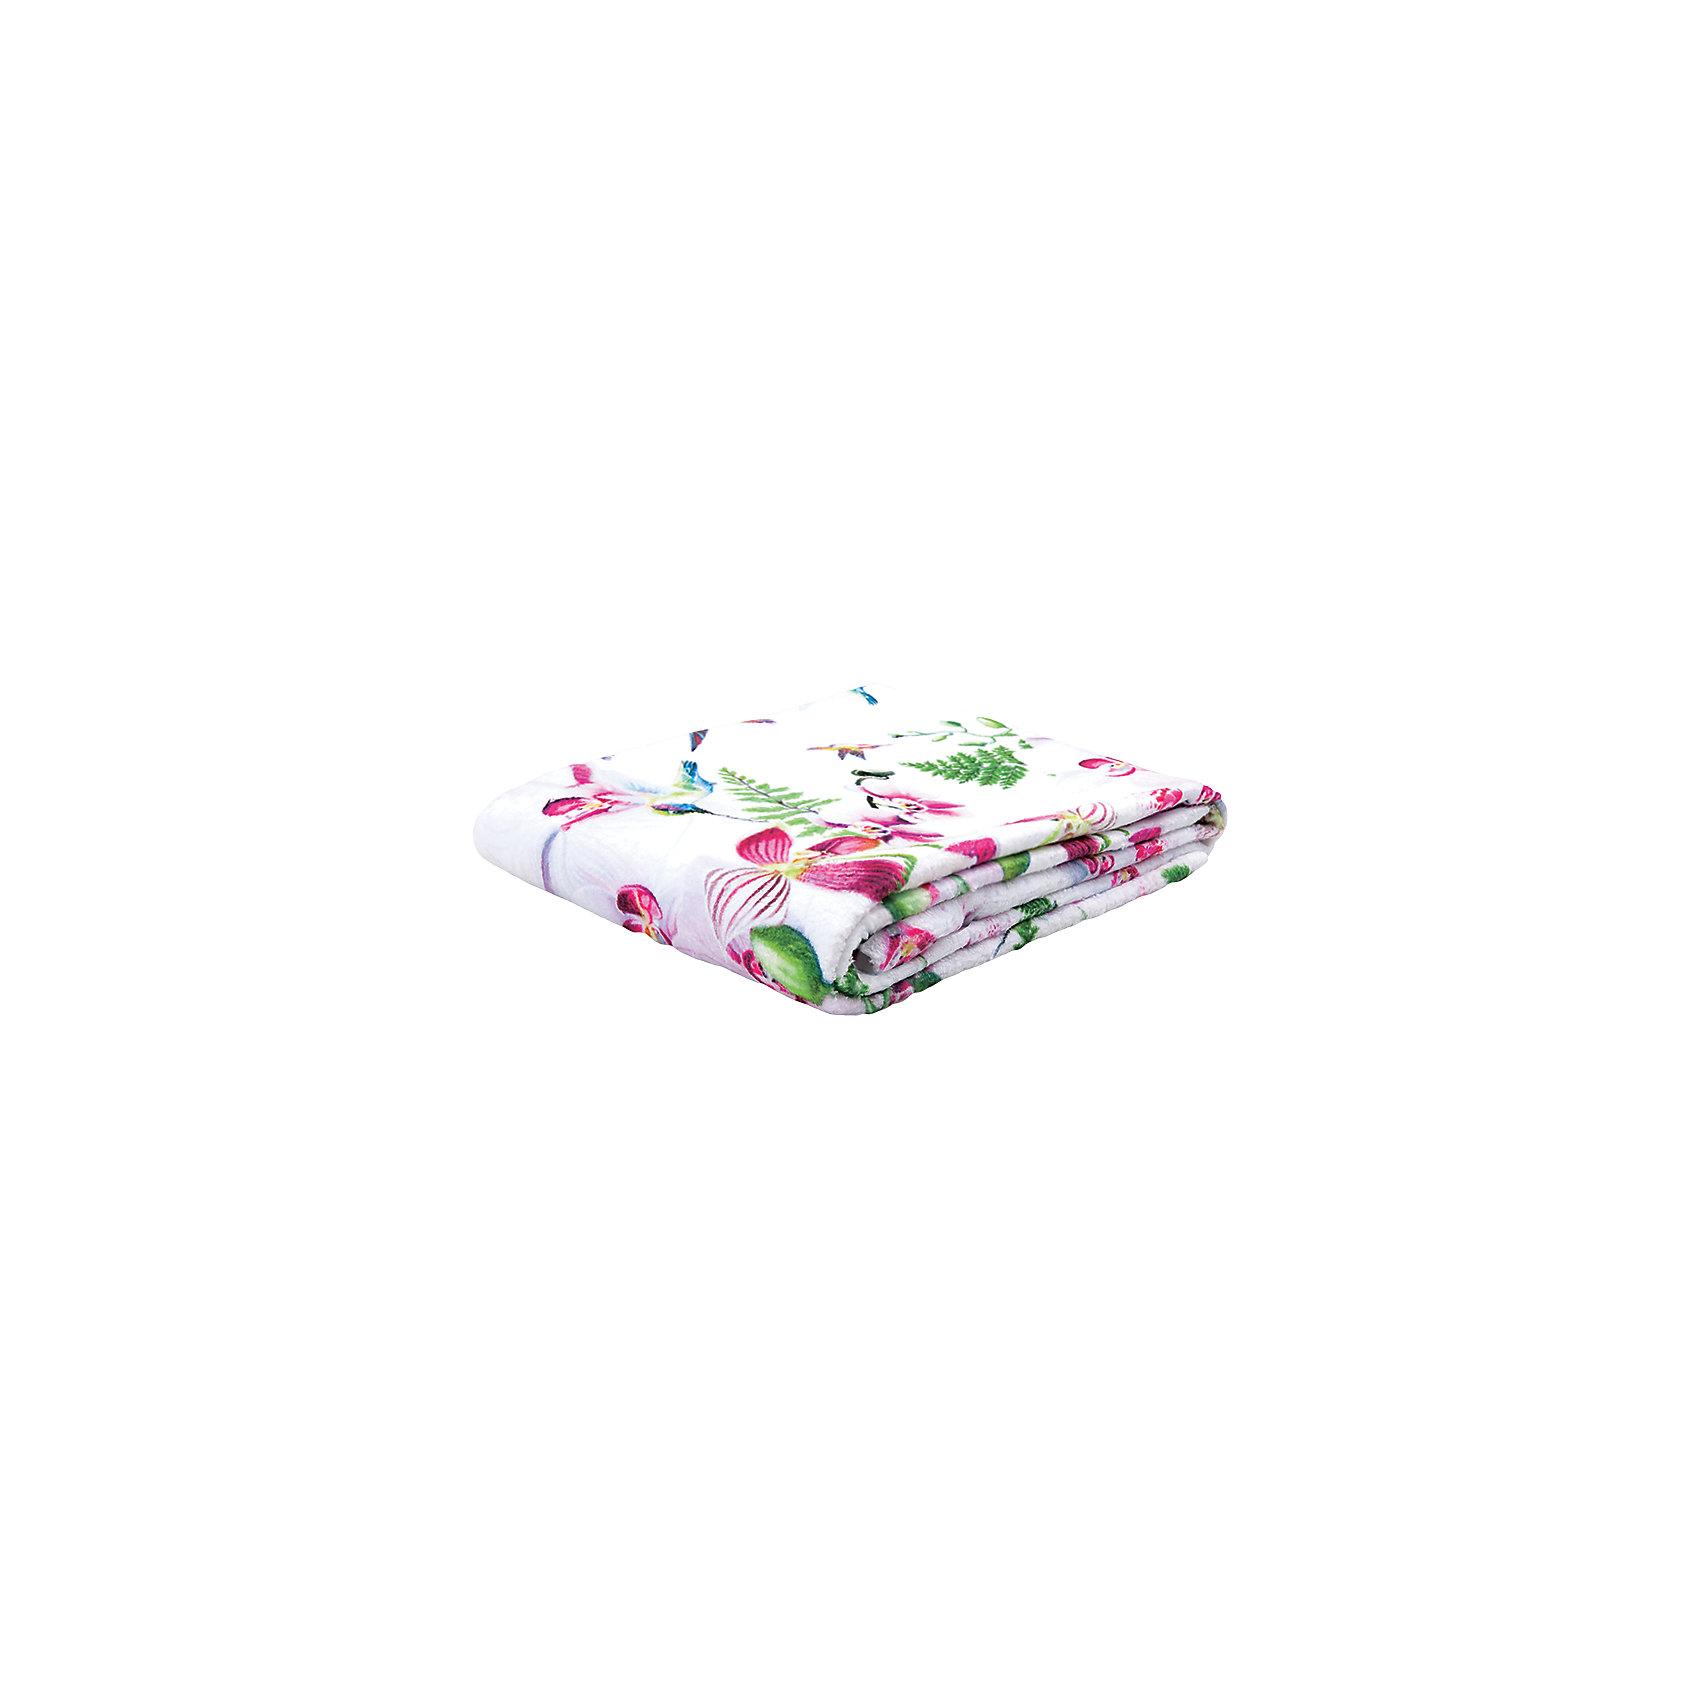 Полотенце «Orhid» 50*90 хлопок велюр, Mona LizaДомашний текстиль<br>Характеристики:<br><br>• материал: махра<br>• состав: 70% хлопок, 30% велюр<br>• размер полотенца: 50х90 см<br>• размер упаковки: 37х1х25 см<br>• вес: 350 грамм<br><br>Полотенце Orhid изготовлено из мягкой ткани, приятной телу. К тому же, она быстро впитывает влагу, обеспечивая сухость и комфорт при использовании. Полотенце подойдет как для домашнего использования, так и для пляжа. Изделие декорировано ярким принтом с изображением цветков орхидеи и птичек колибри.<br><br>Полотенце «Orhid» 50*90 хлопок велюр, Mona Liza (Мона Лиза) вы можете купить в нашем интернет-магазине.<br><br>Ширина мм: 300<br>Глубина мм: 10<br>Высота мм: 200<br>Вес г: 200<br>Возраст от месяцев: 84<br>Возраст до месяцев: 600<br>Пол: Унисекс<br>Возраст: Детский<br>SKU: 6765283